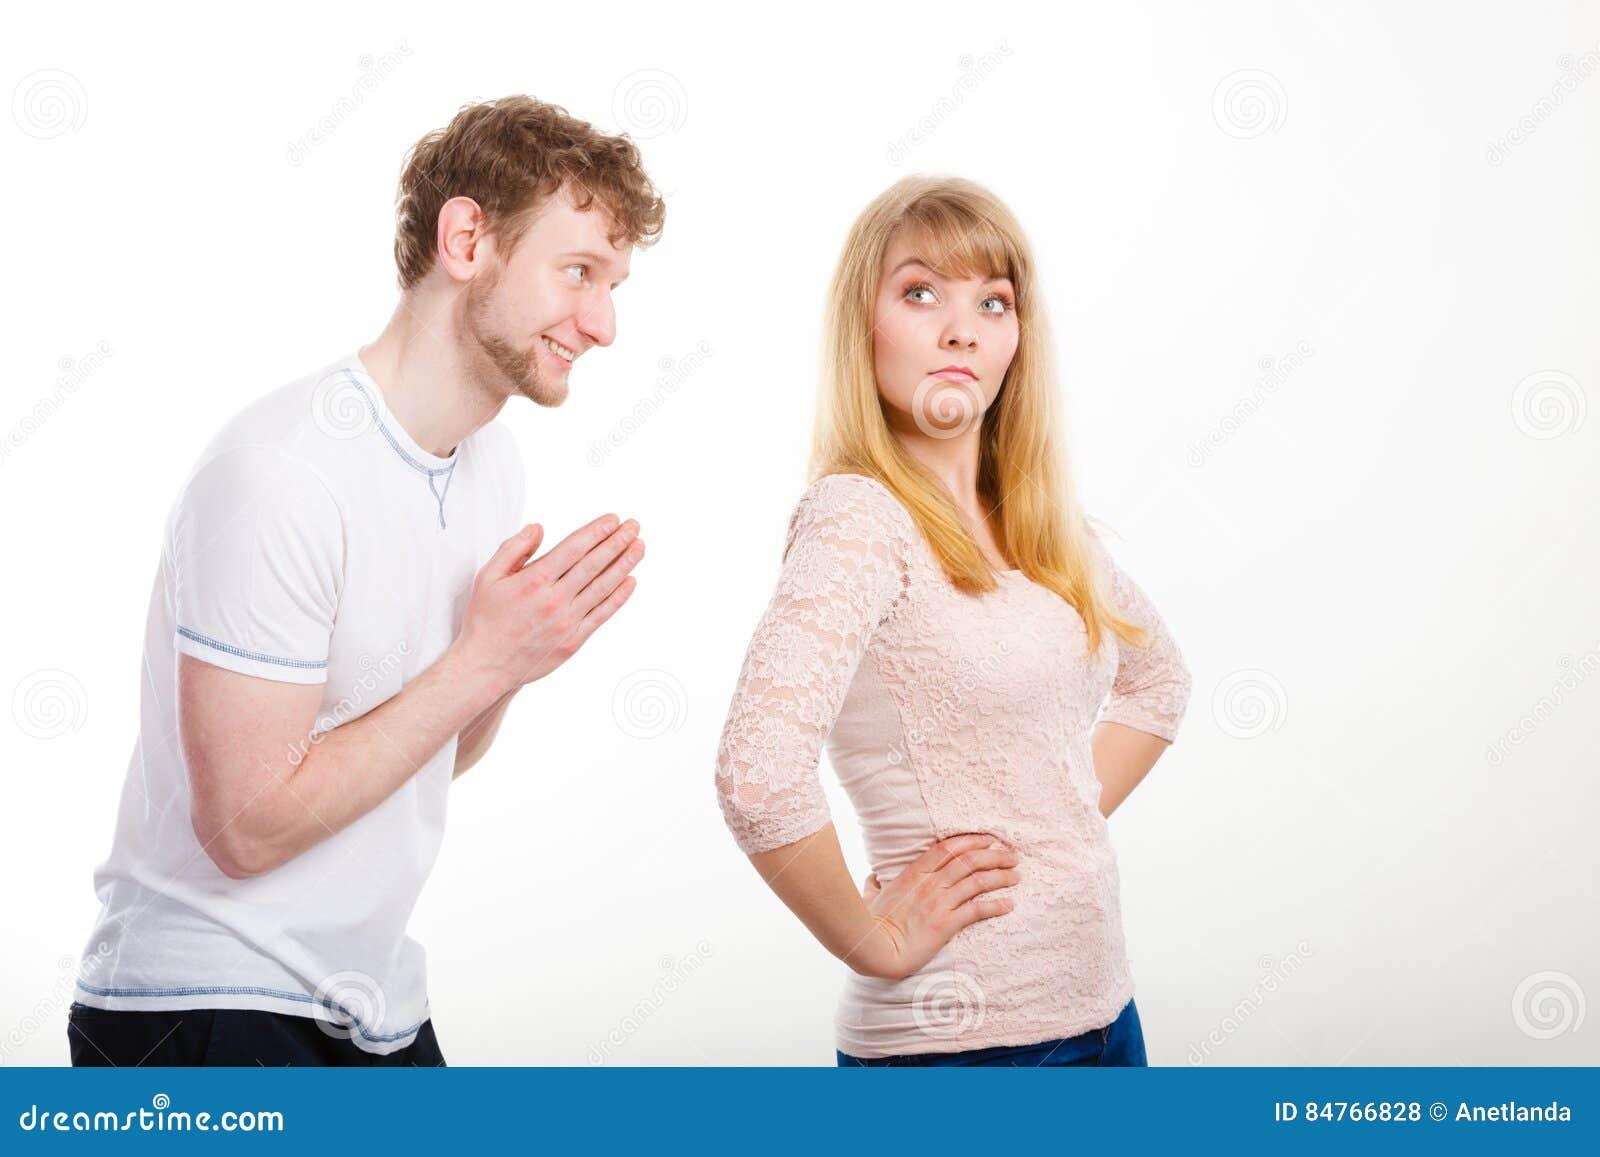 When a man apologizes to a woman